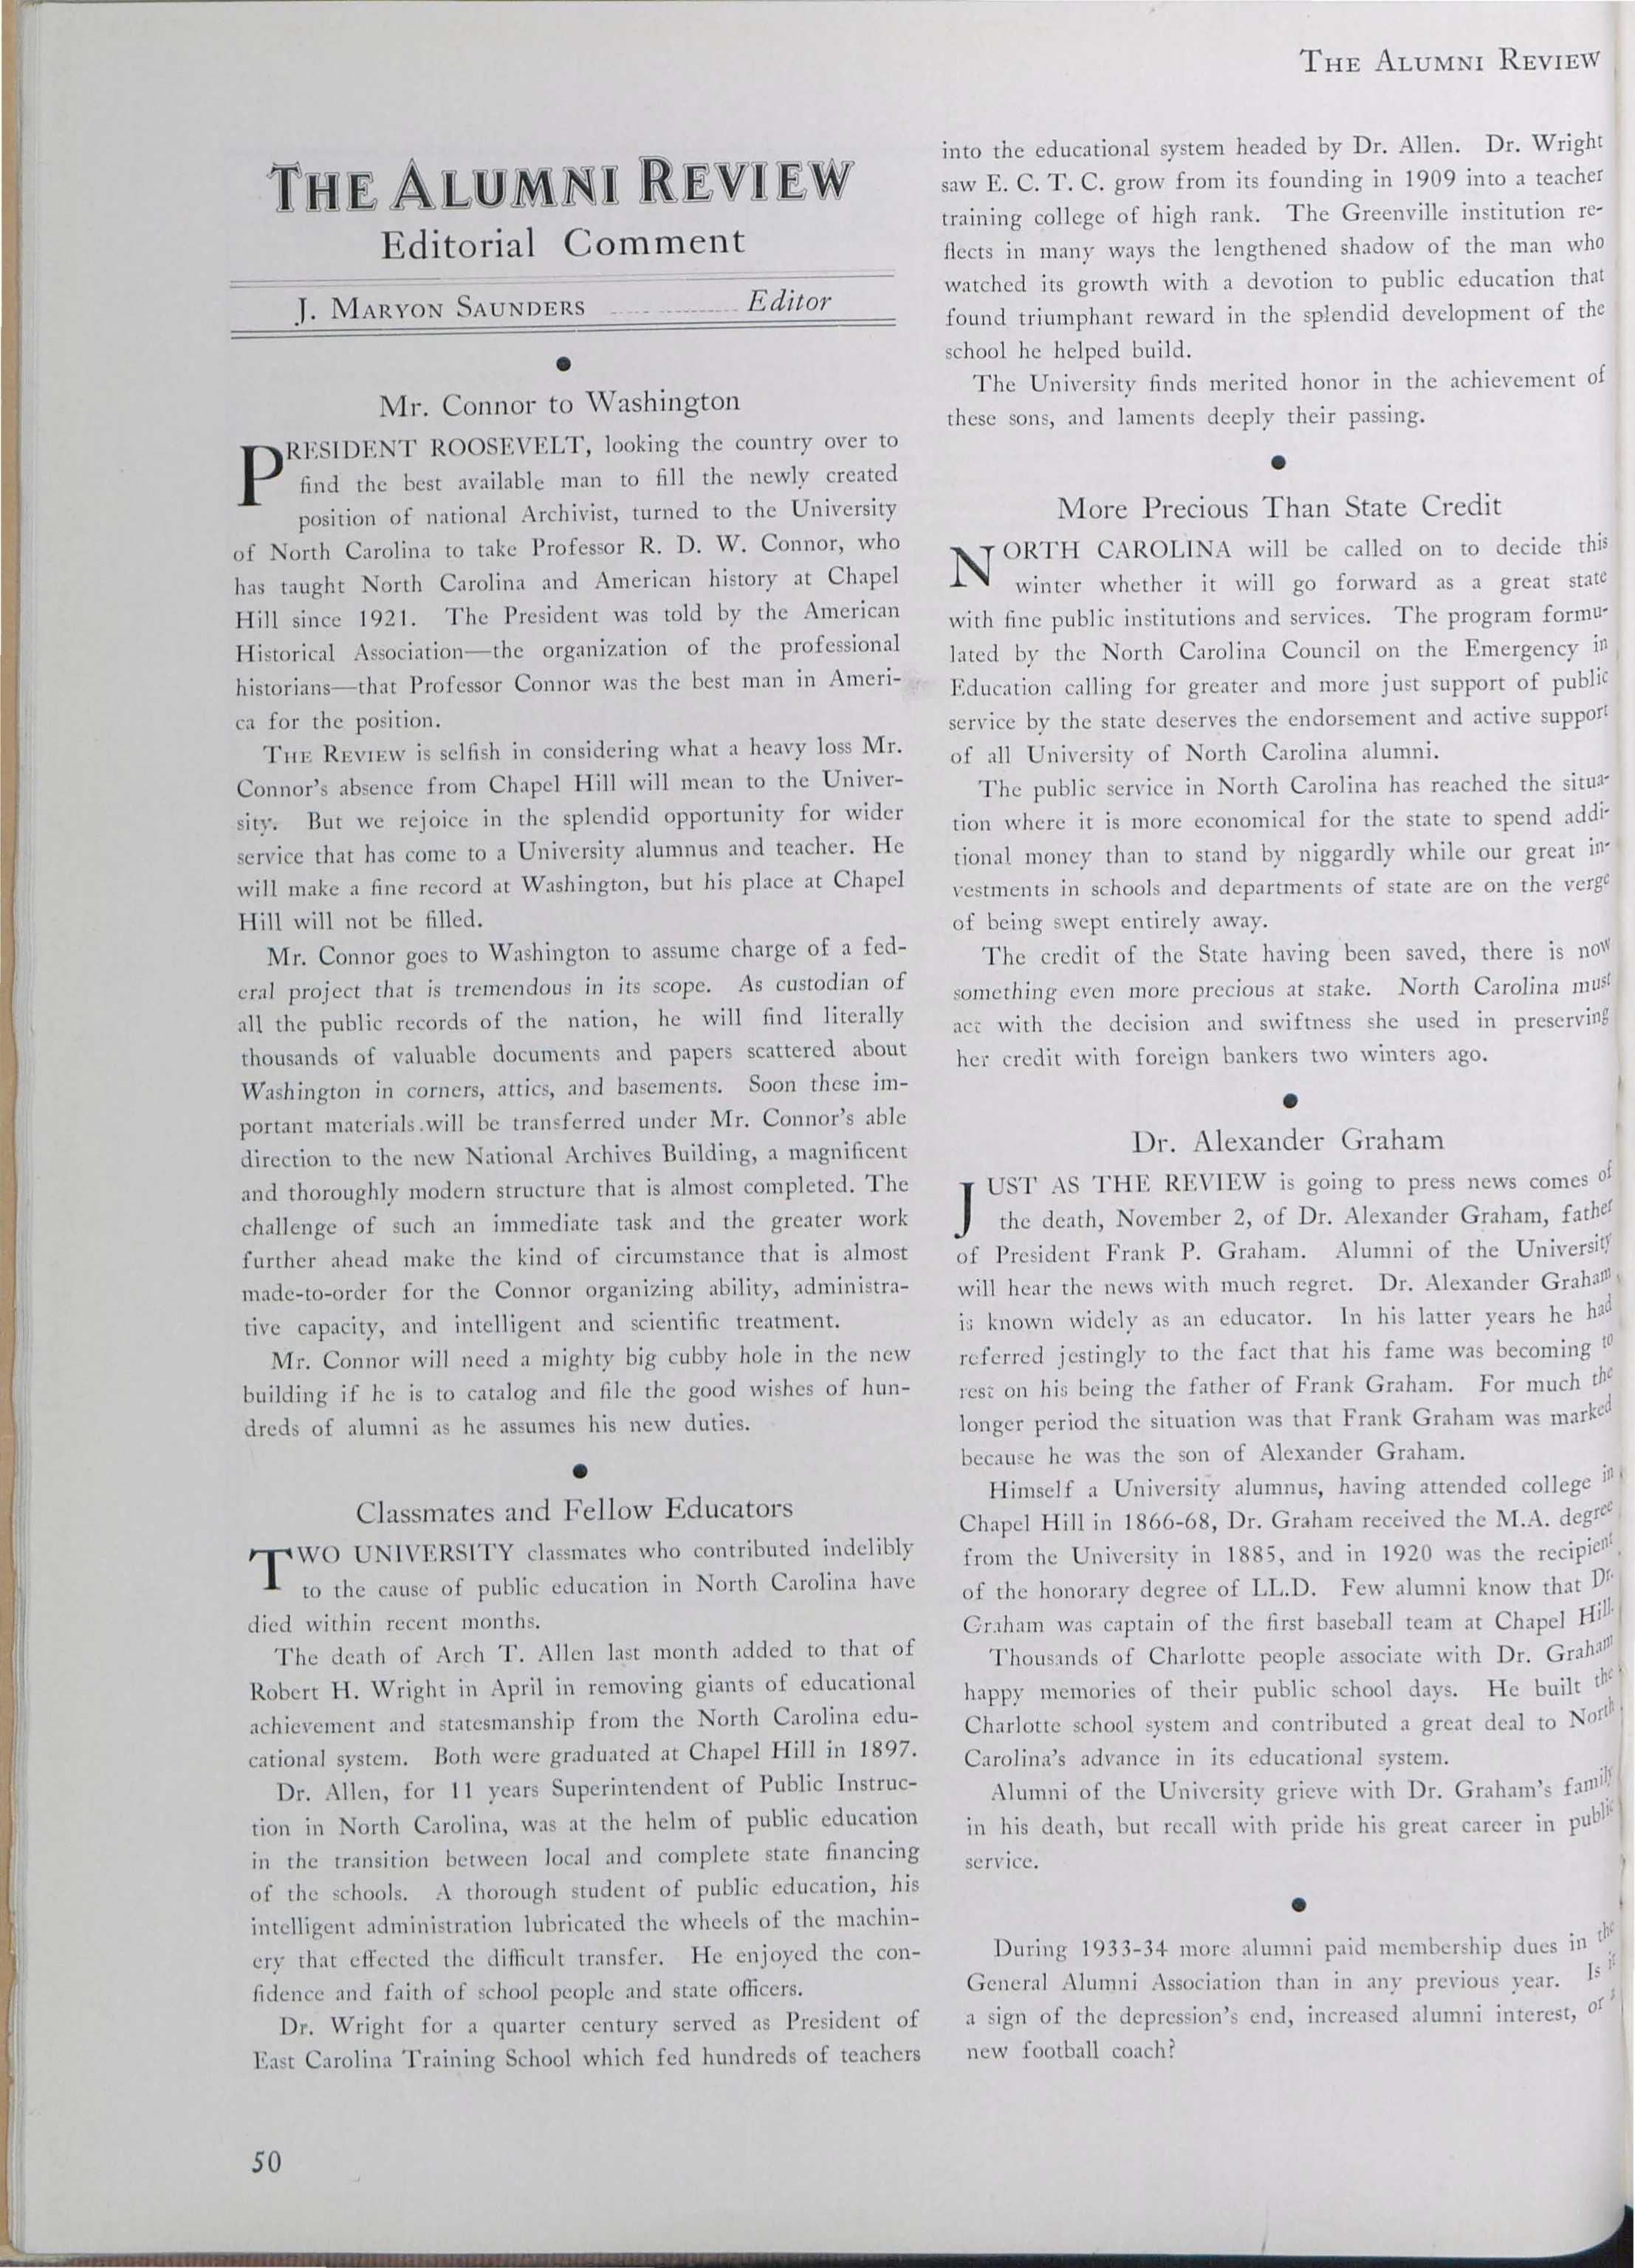 Carolina Alumni Review - November 1934 - page 51